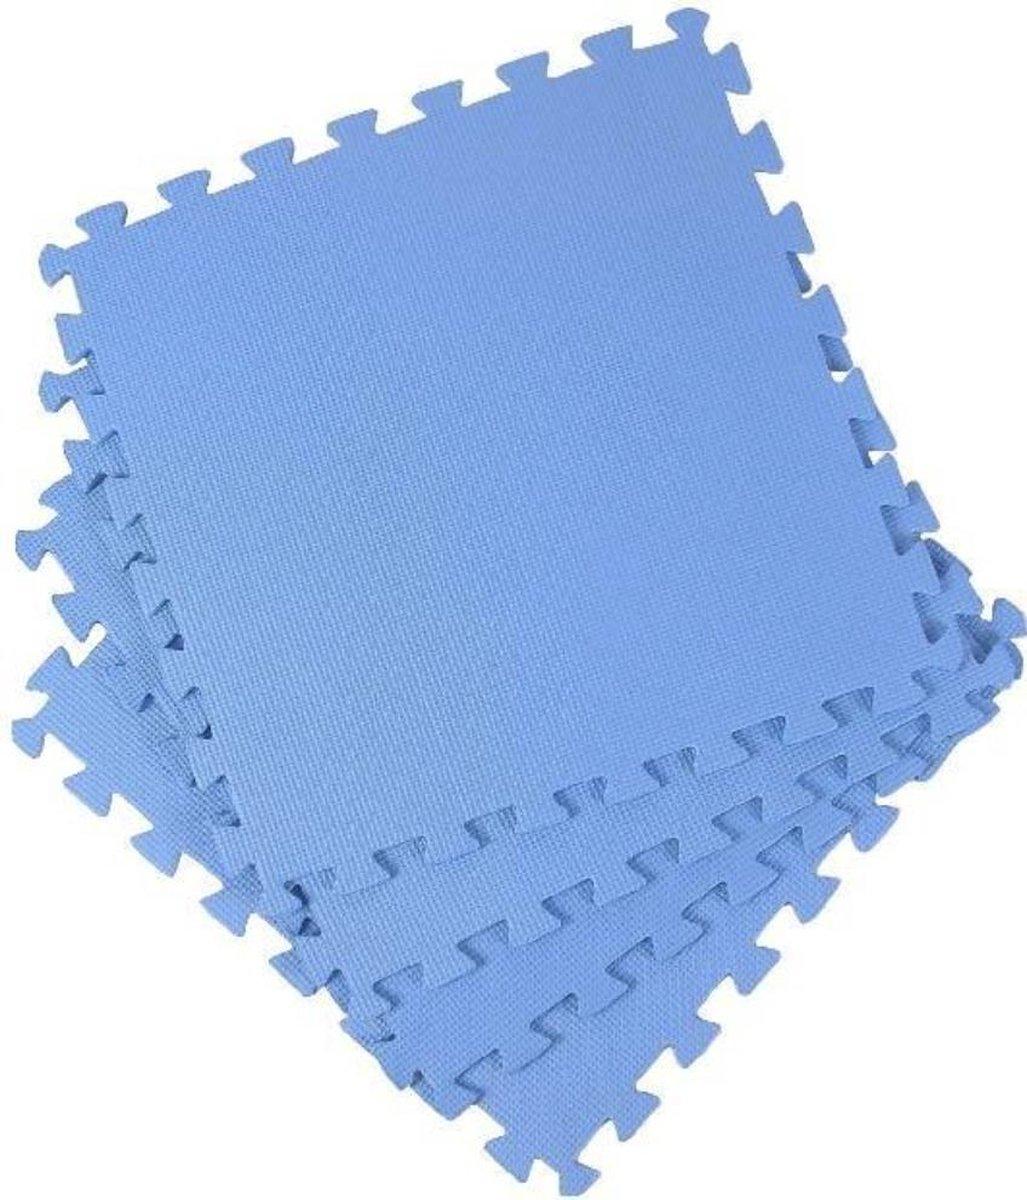 Zwembadtegels - Foam ondertegels - bescherming tegels - vloertegels - ondervloer - puzzel mat - 50CM X 50CM - ondergrond - zwembad tegels - zwembad